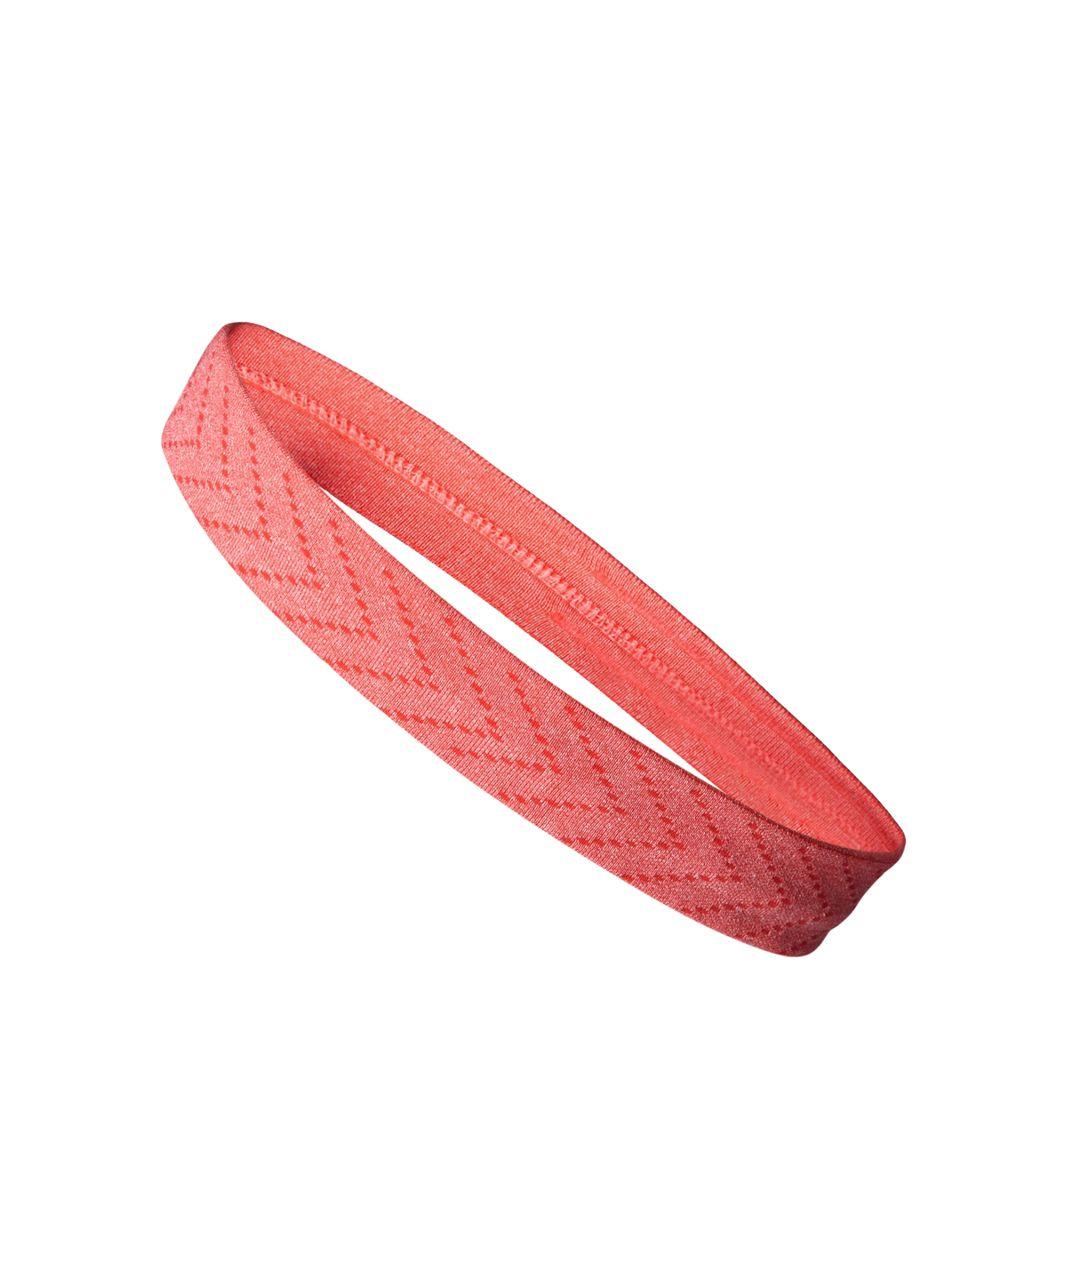 Lululemon Cardio Cross Trainer Headband - Heathered Alarming